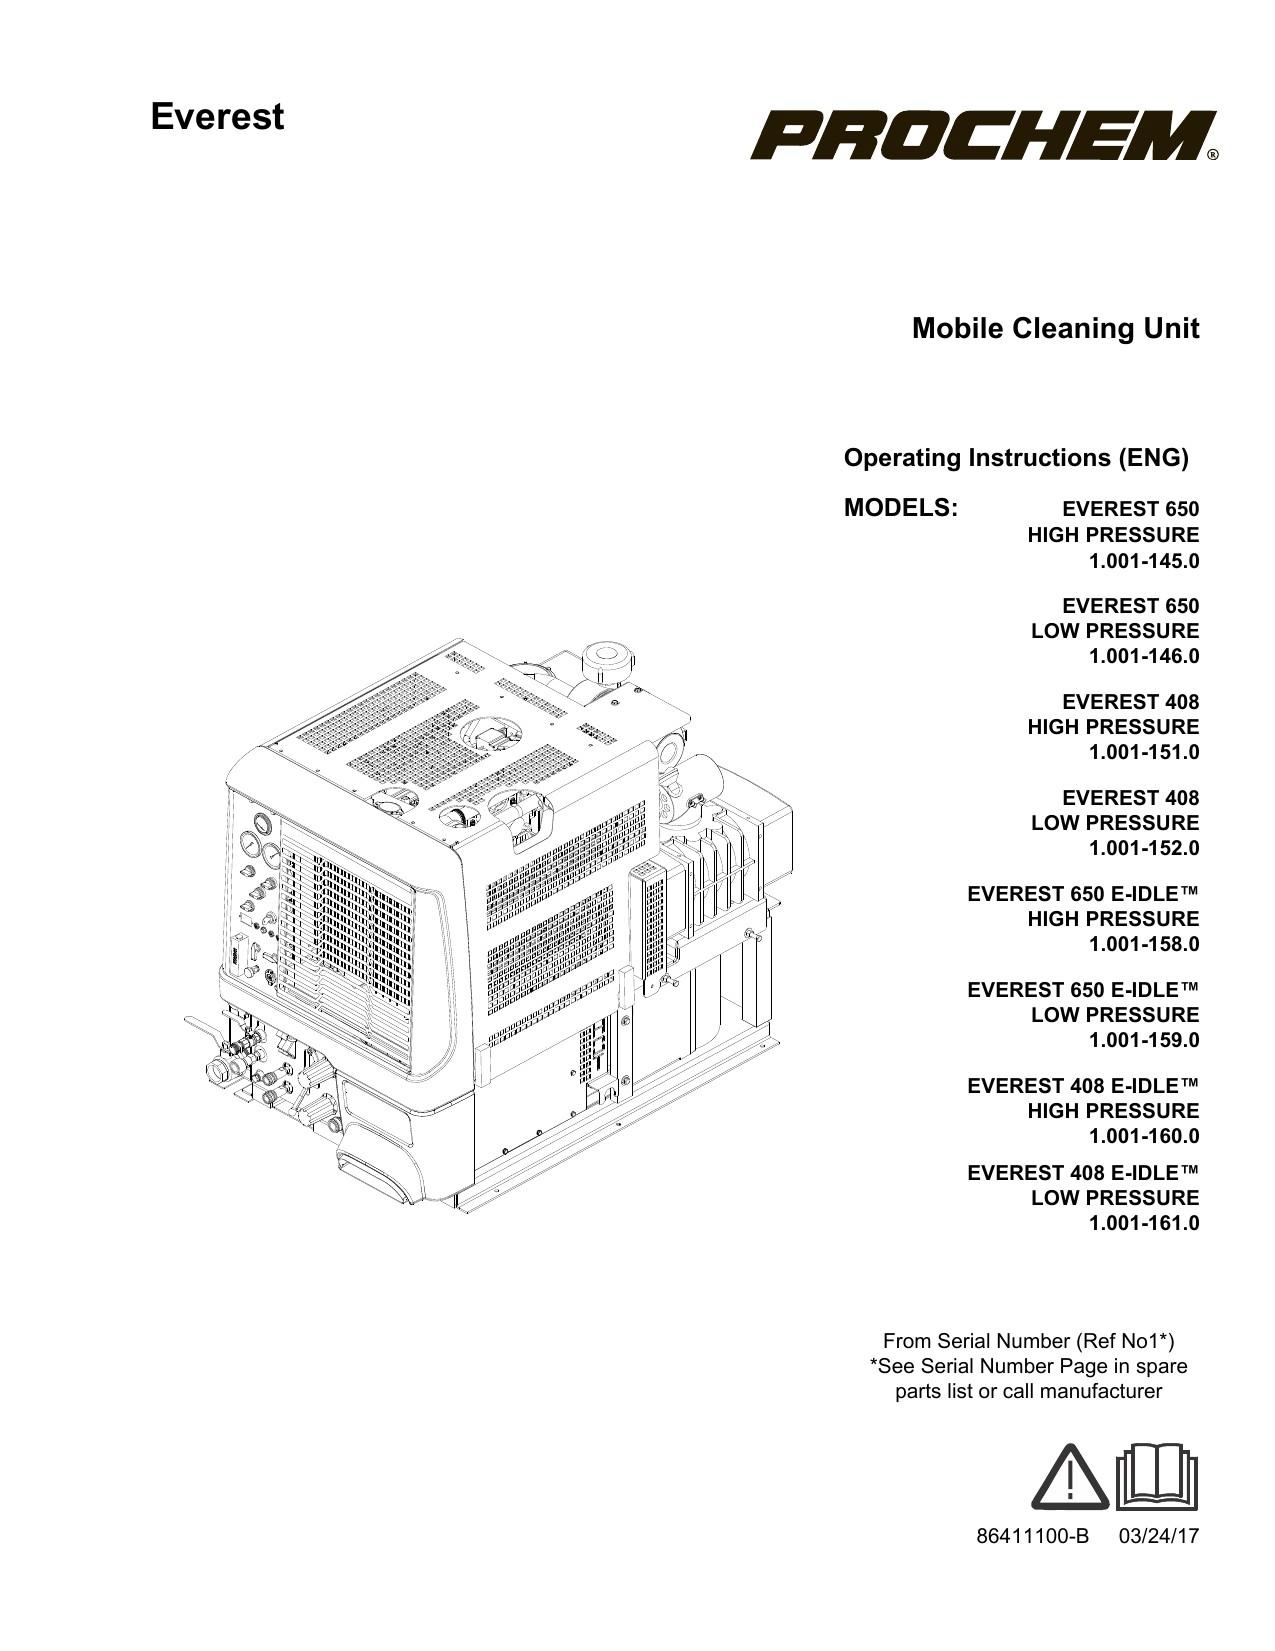 Qd Control Box Wiring Diagram 8 641 110 0 Operators Manual Everest E Idle Of Qd Control Box Wiring Diagram